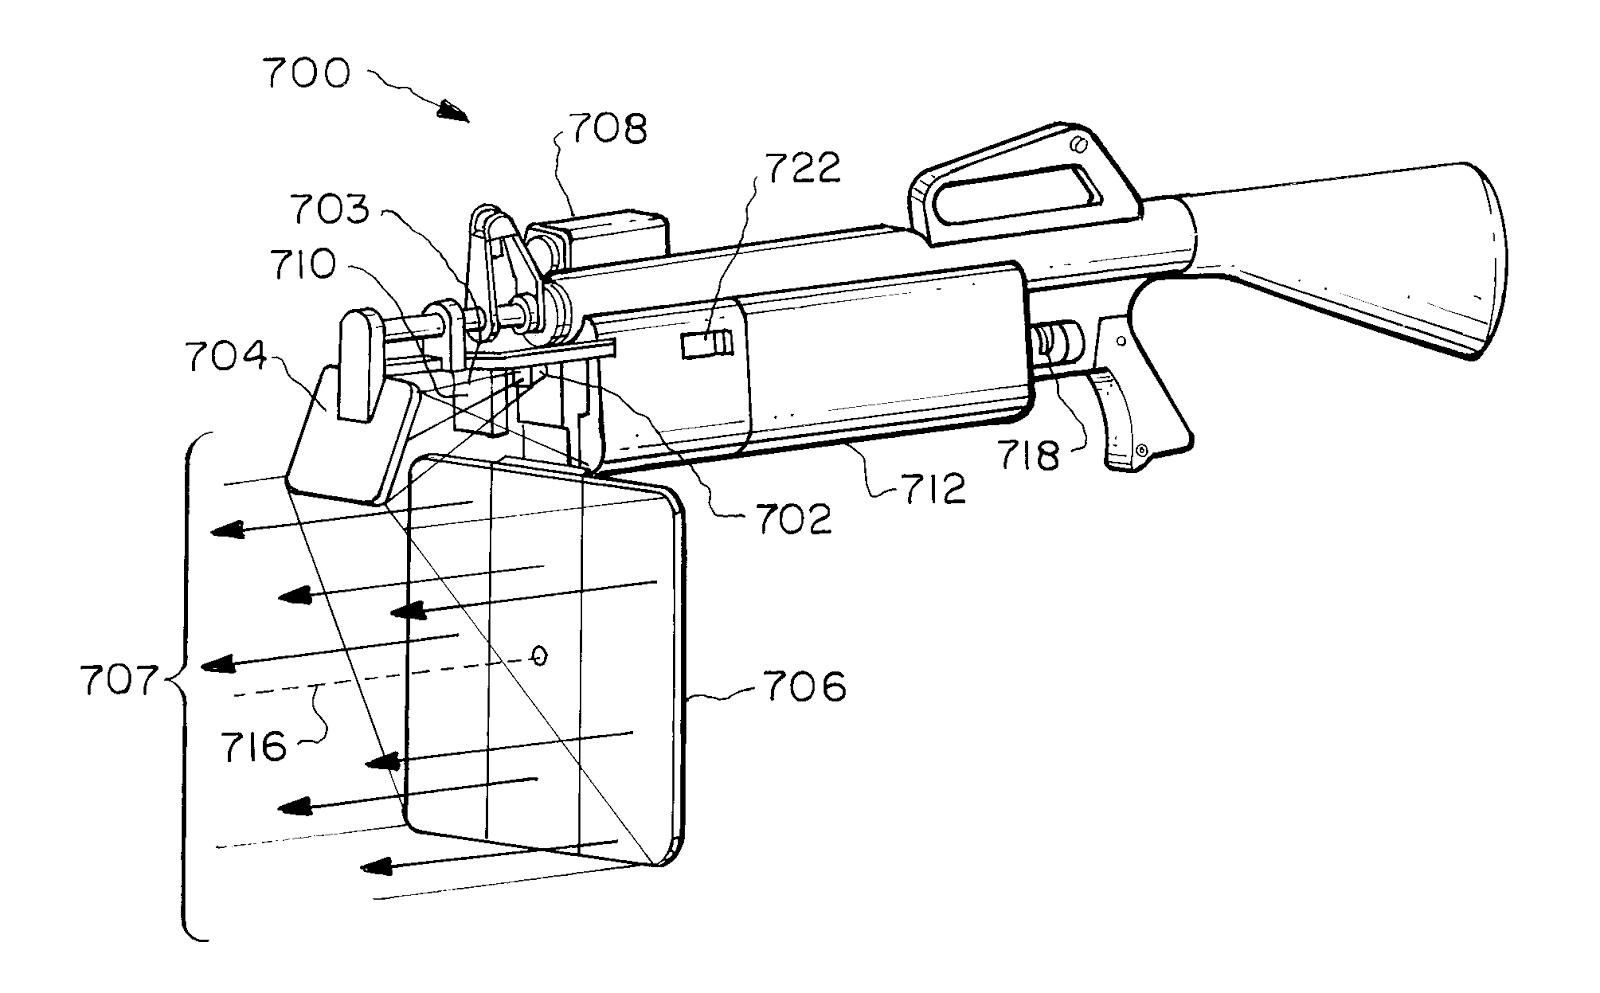 moped yy150t 12 wire diagram [ 1600 x 993 Pixel ]